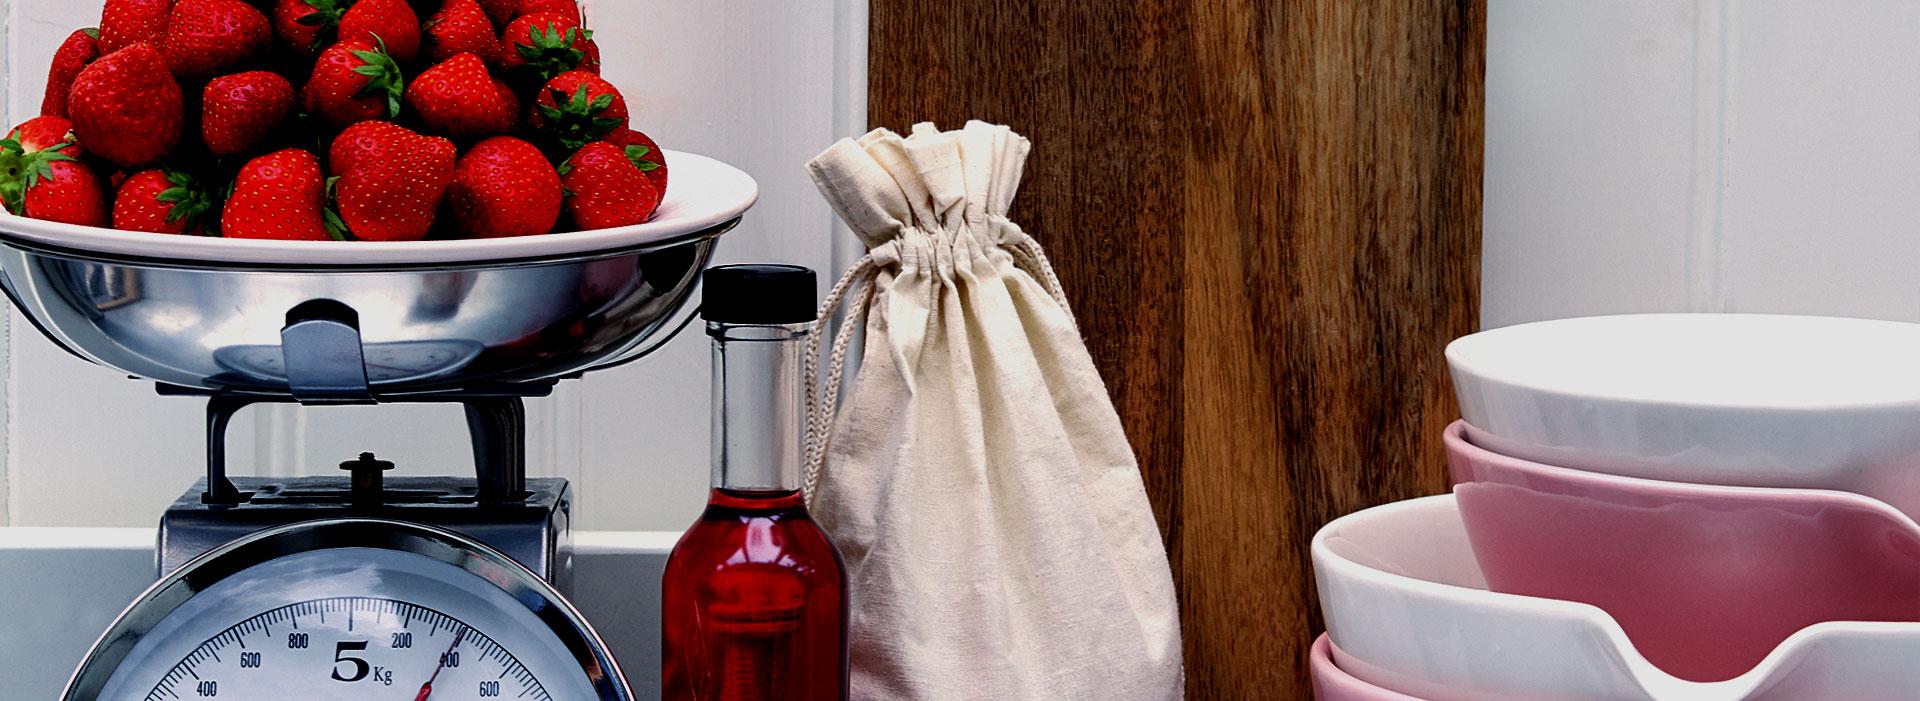 6 supersnelle keuken schoonmaaktips